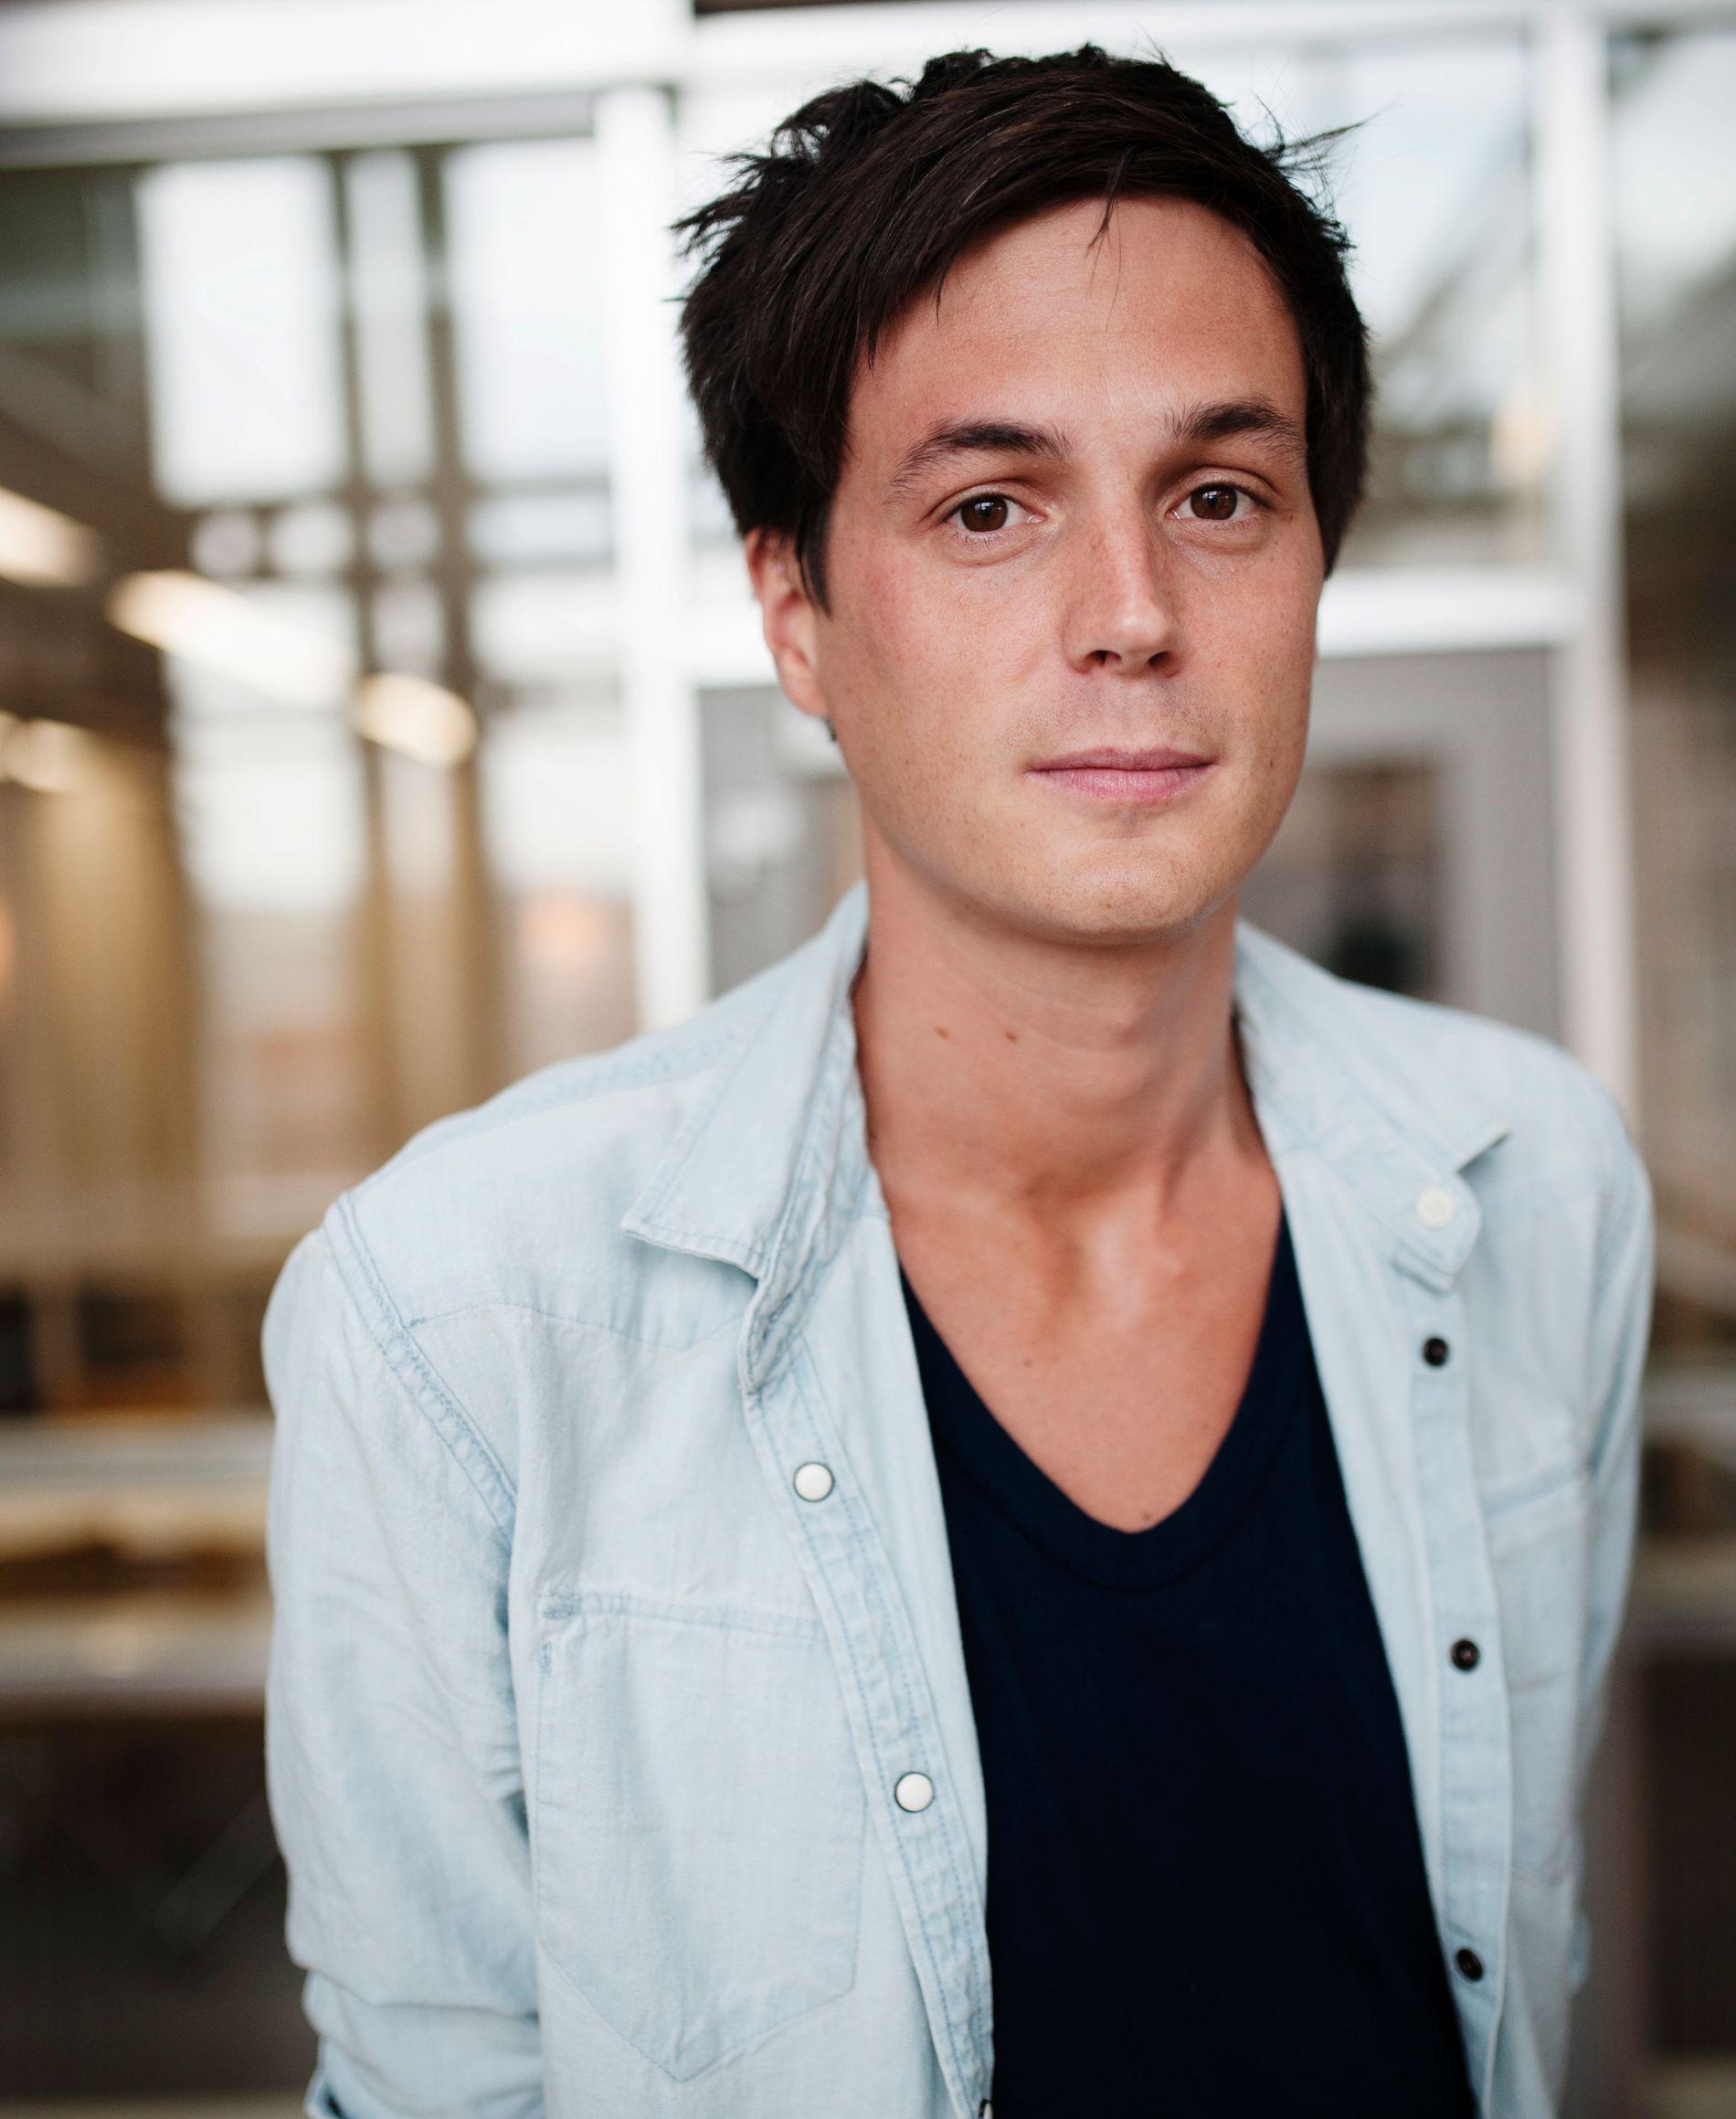 KOMMENTERER: Øyvind Brenne, sportssjef i VG.